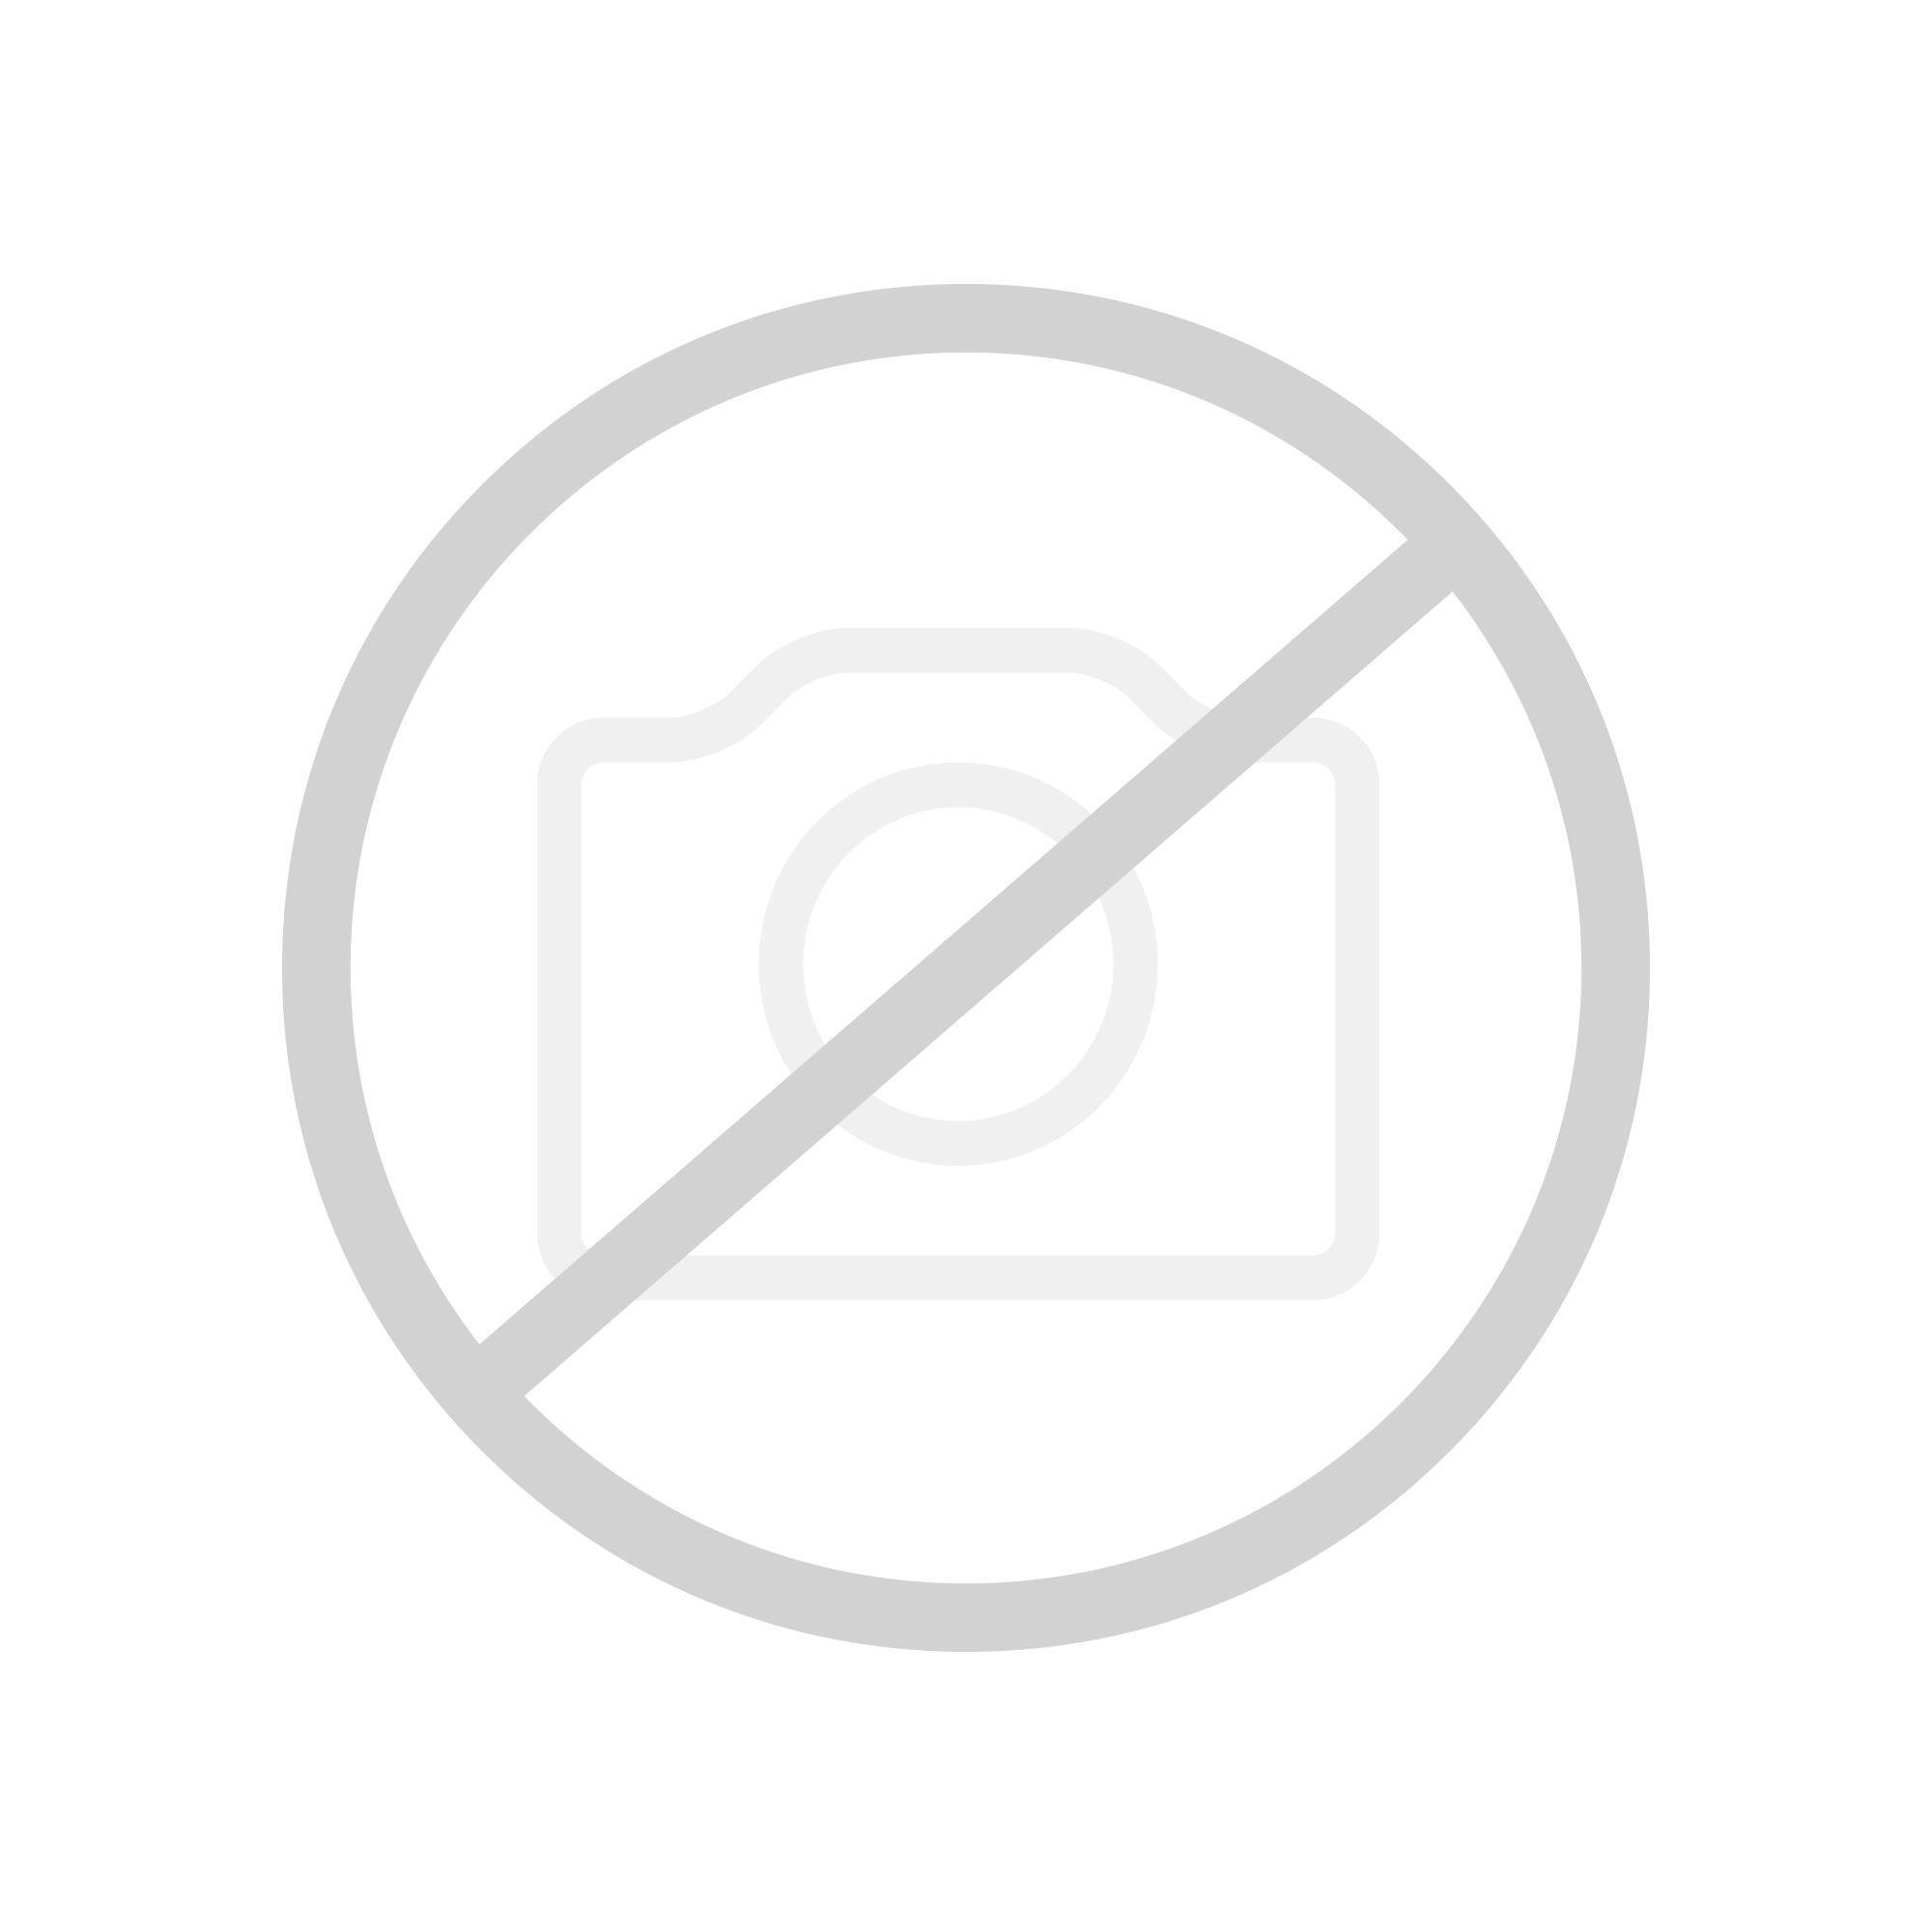 Geberit AP-Spülkasten AP140 mit 2-Mengen-Spülung, für Druckspüler weiß